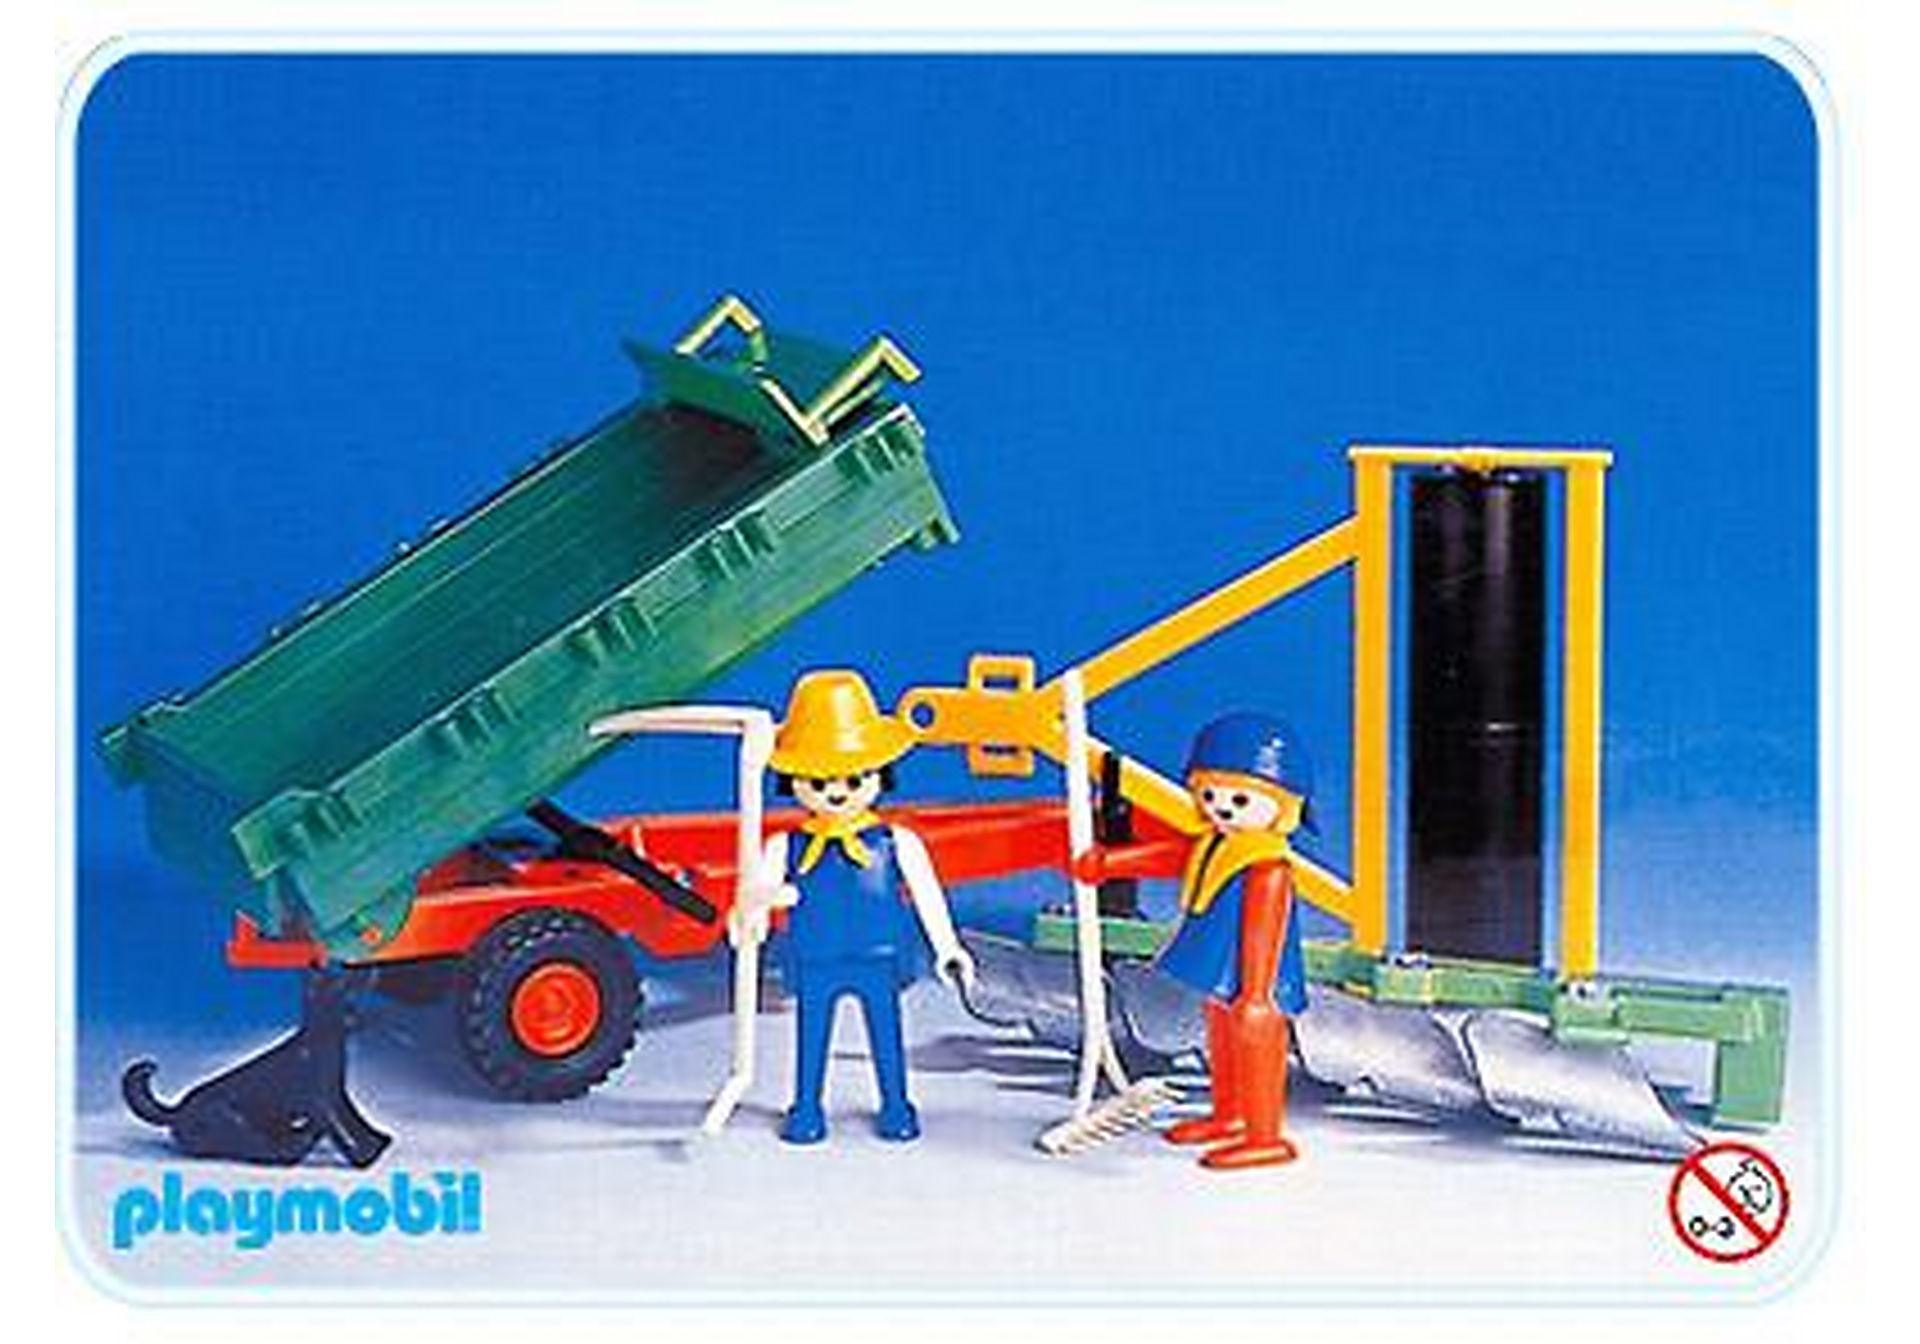 3501-A Anhänger für Traktor zoom image1